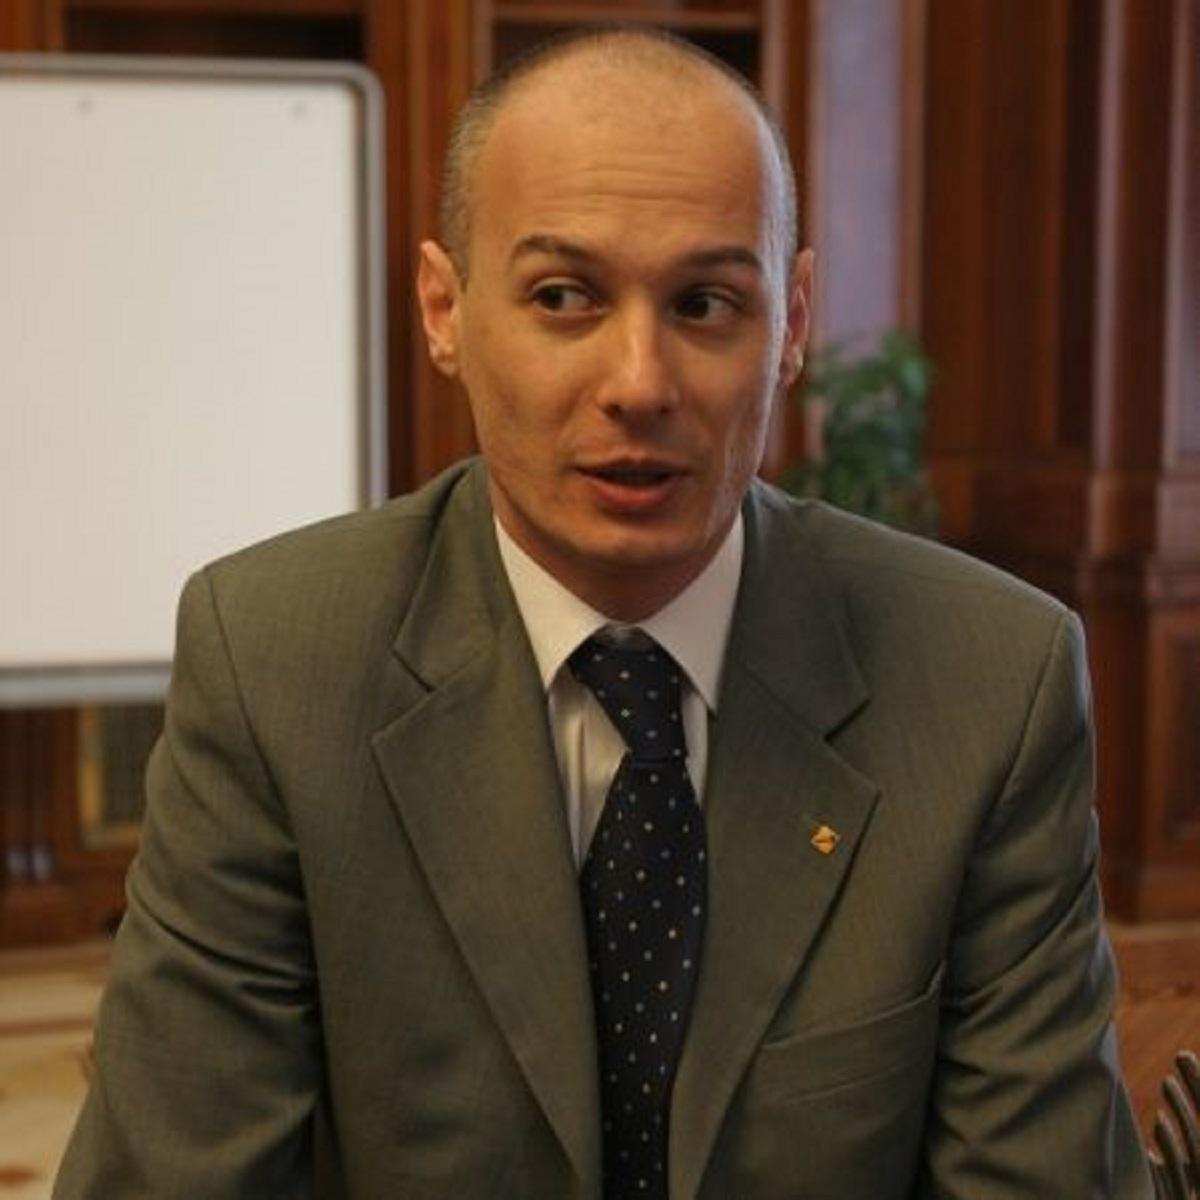 News Alert. Bogdan Olteanu a fost condamnat. Sentința este definitivă